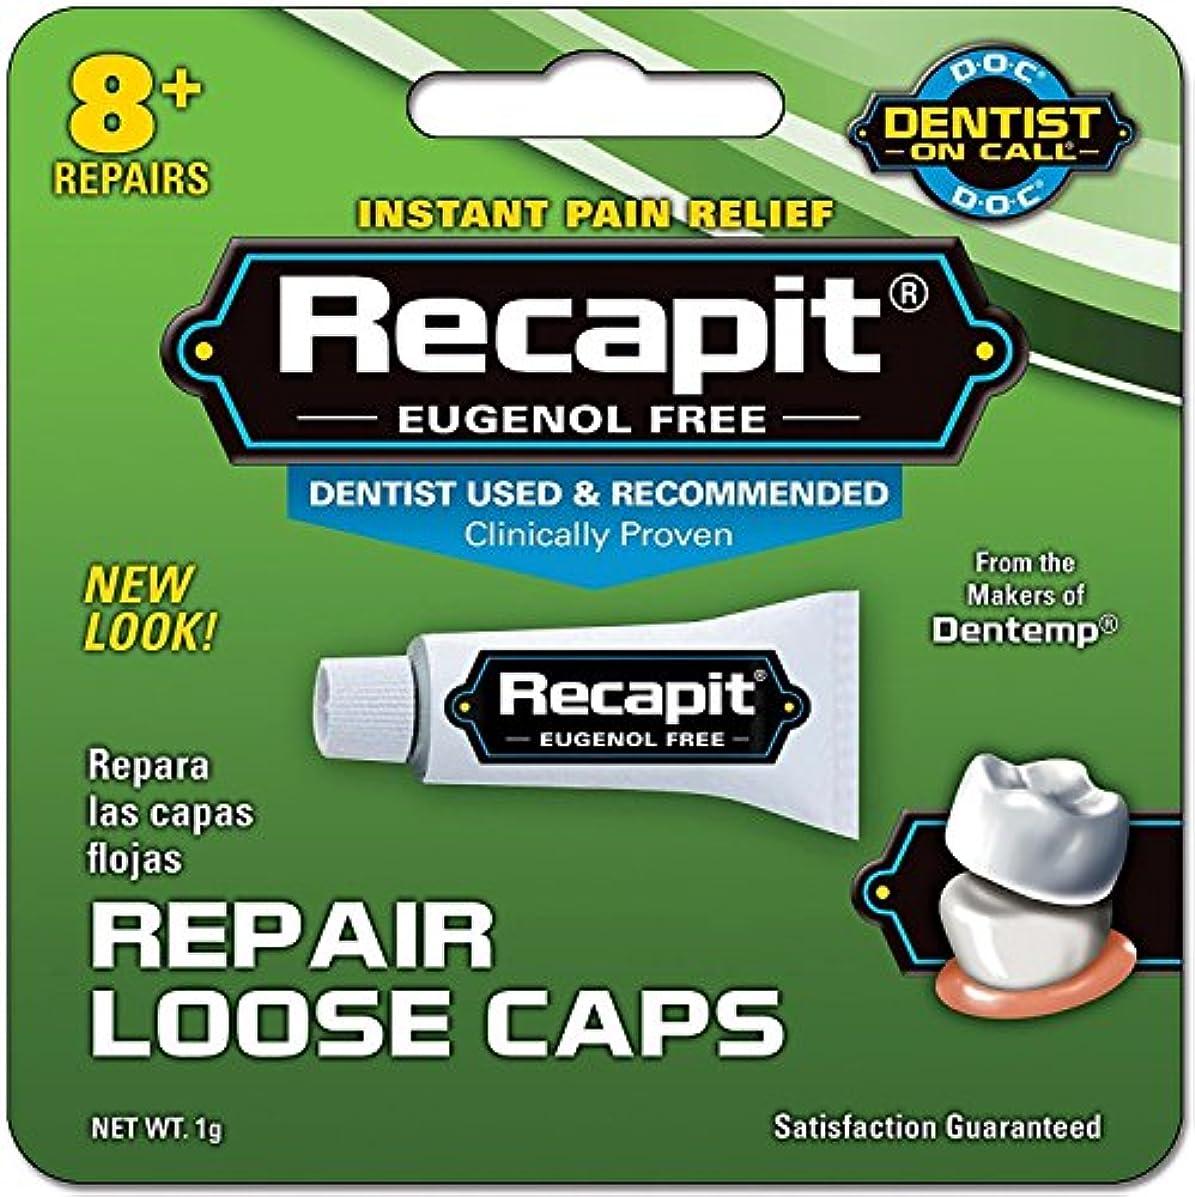 発言する離す強いますDoc Recapitルースキャップ歯科修復 - 8つの修理、2パック